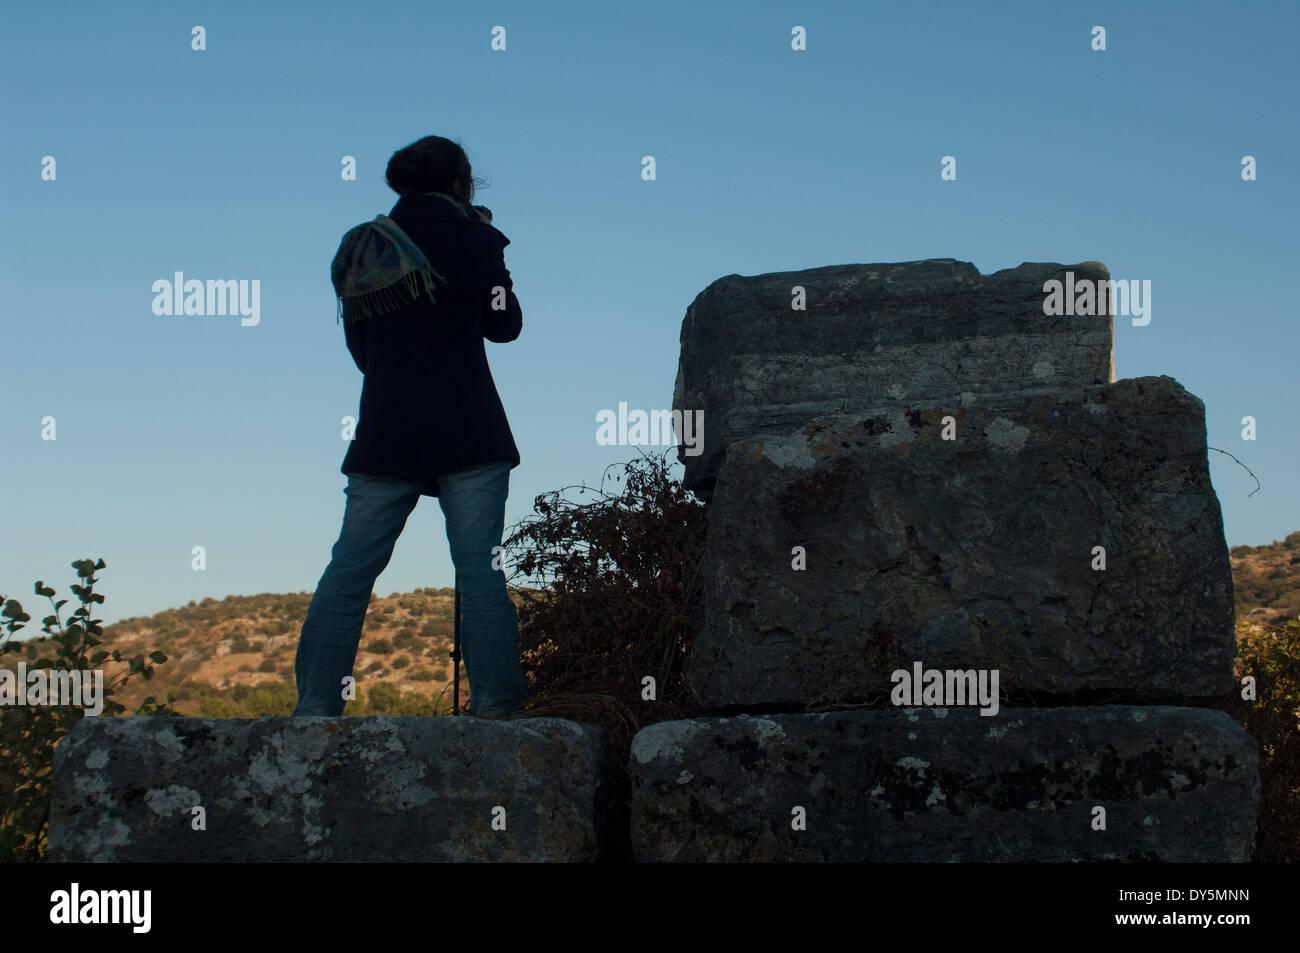 Fotograf bei der Arbeit auf den Ruinen von Ephesus, einer griechisch-römischen Stadt in der Türkei. Stockbild